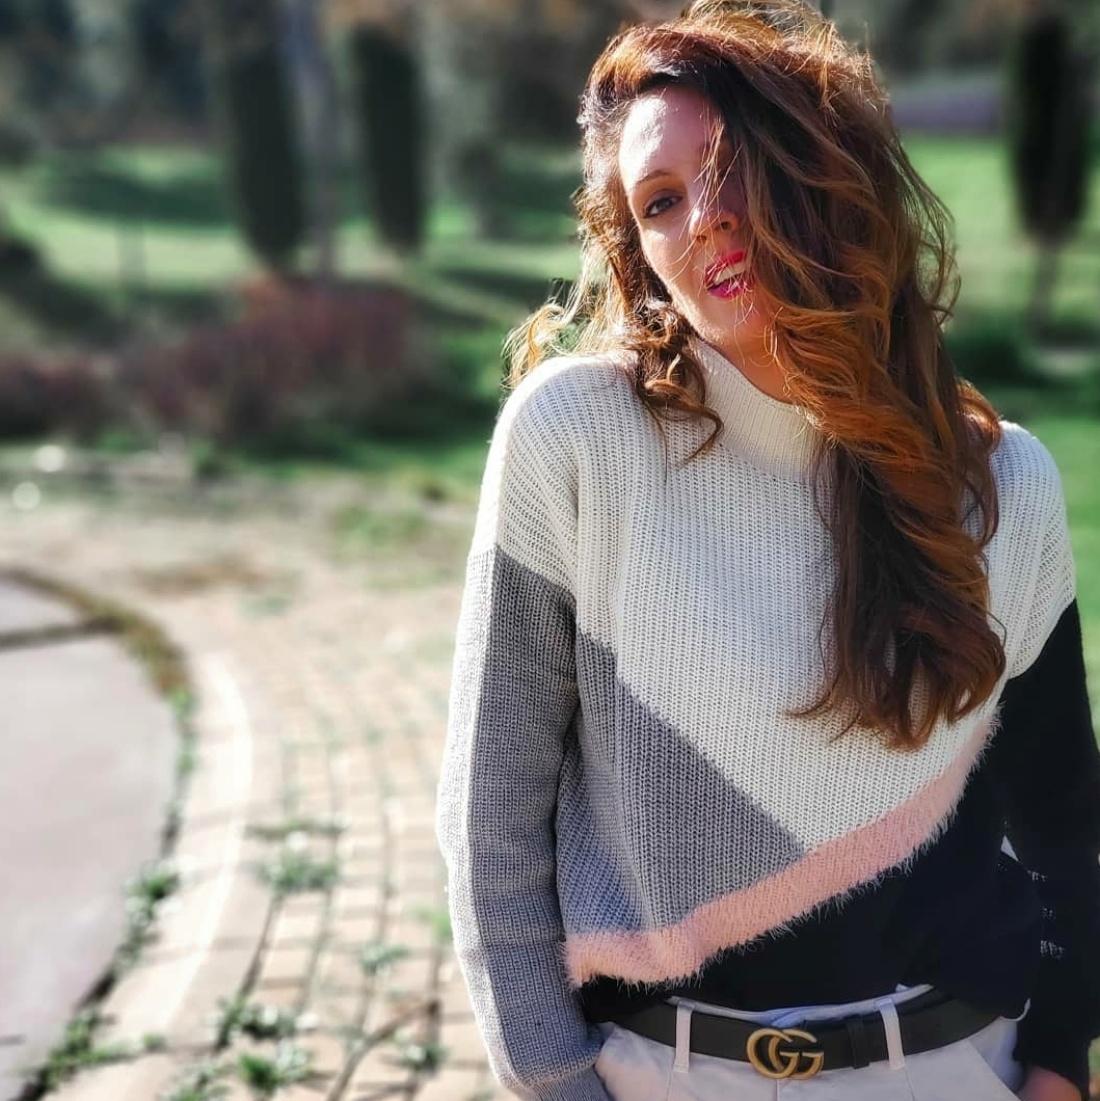 Entrevista a la influencer Miriam Gómez de TrendyMiriam